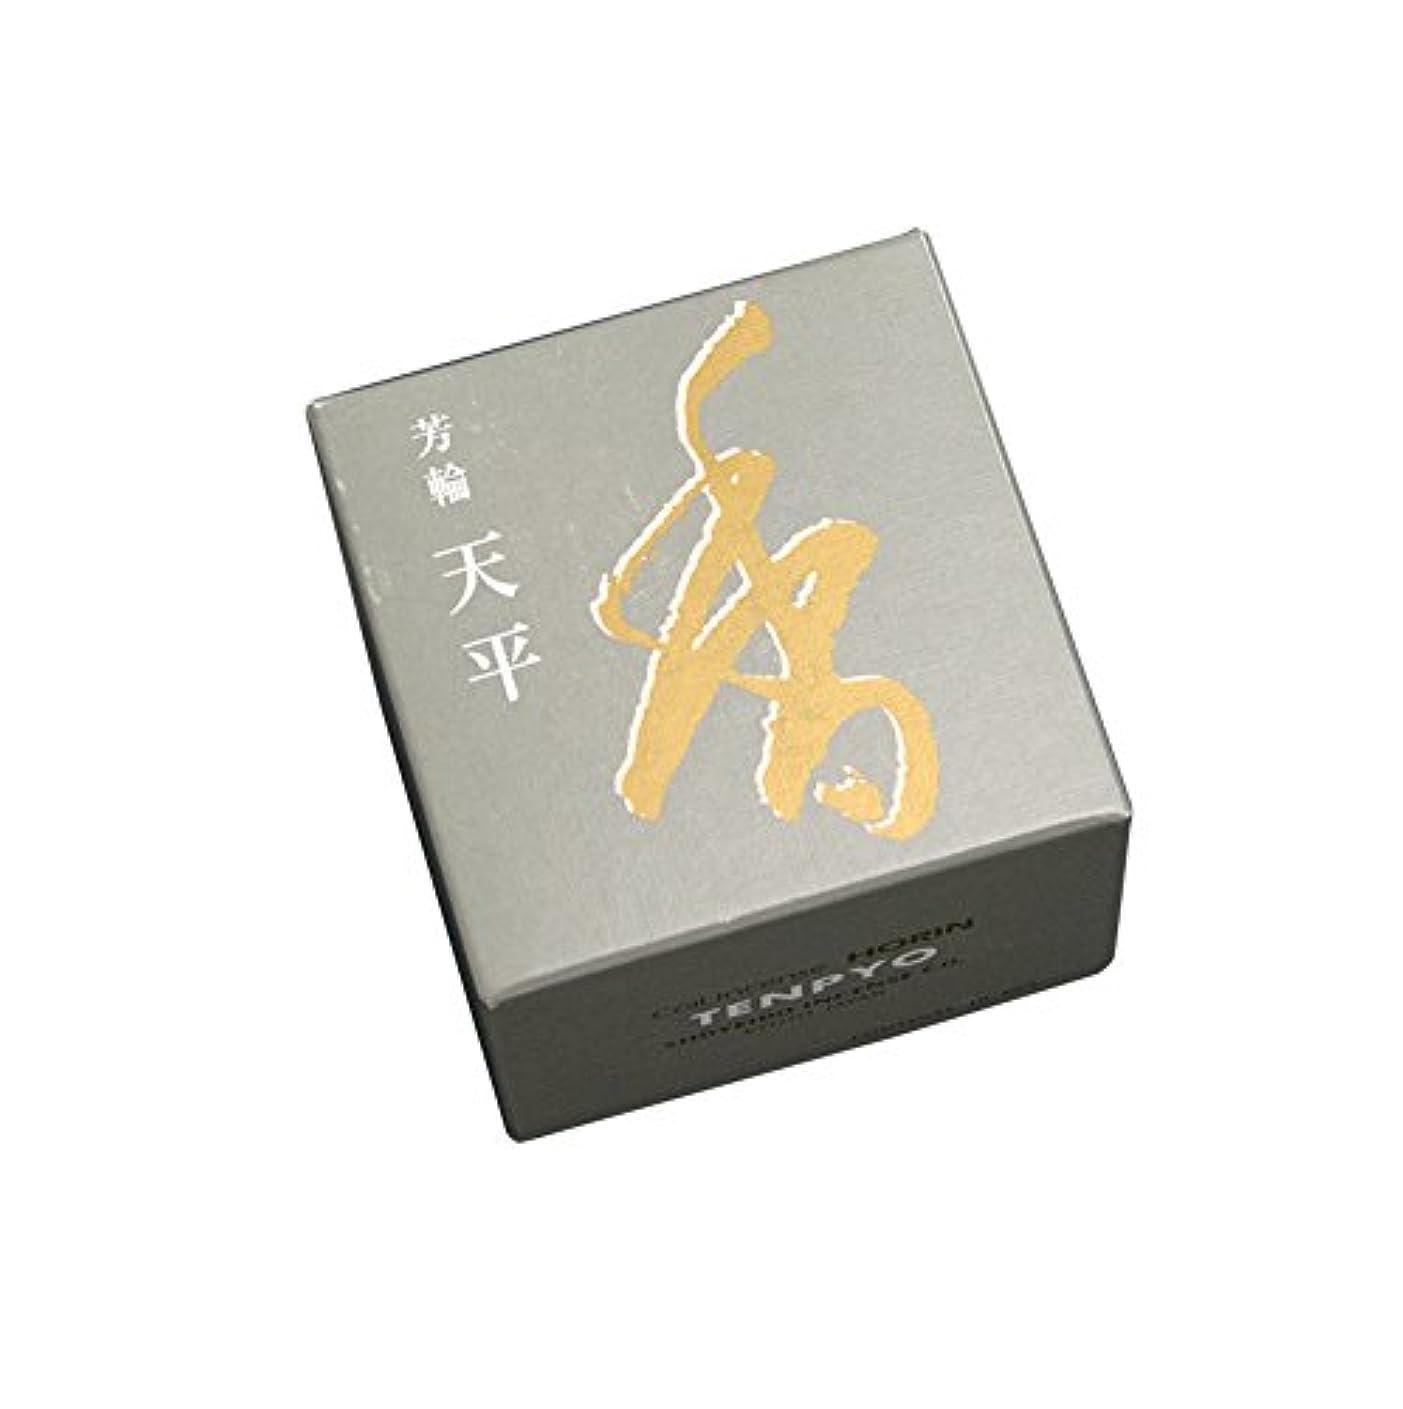 アルファベット合金プラスチック松栄堂のお香 芳輪天平 渦巻型10枚入 うてな角型付 #210521